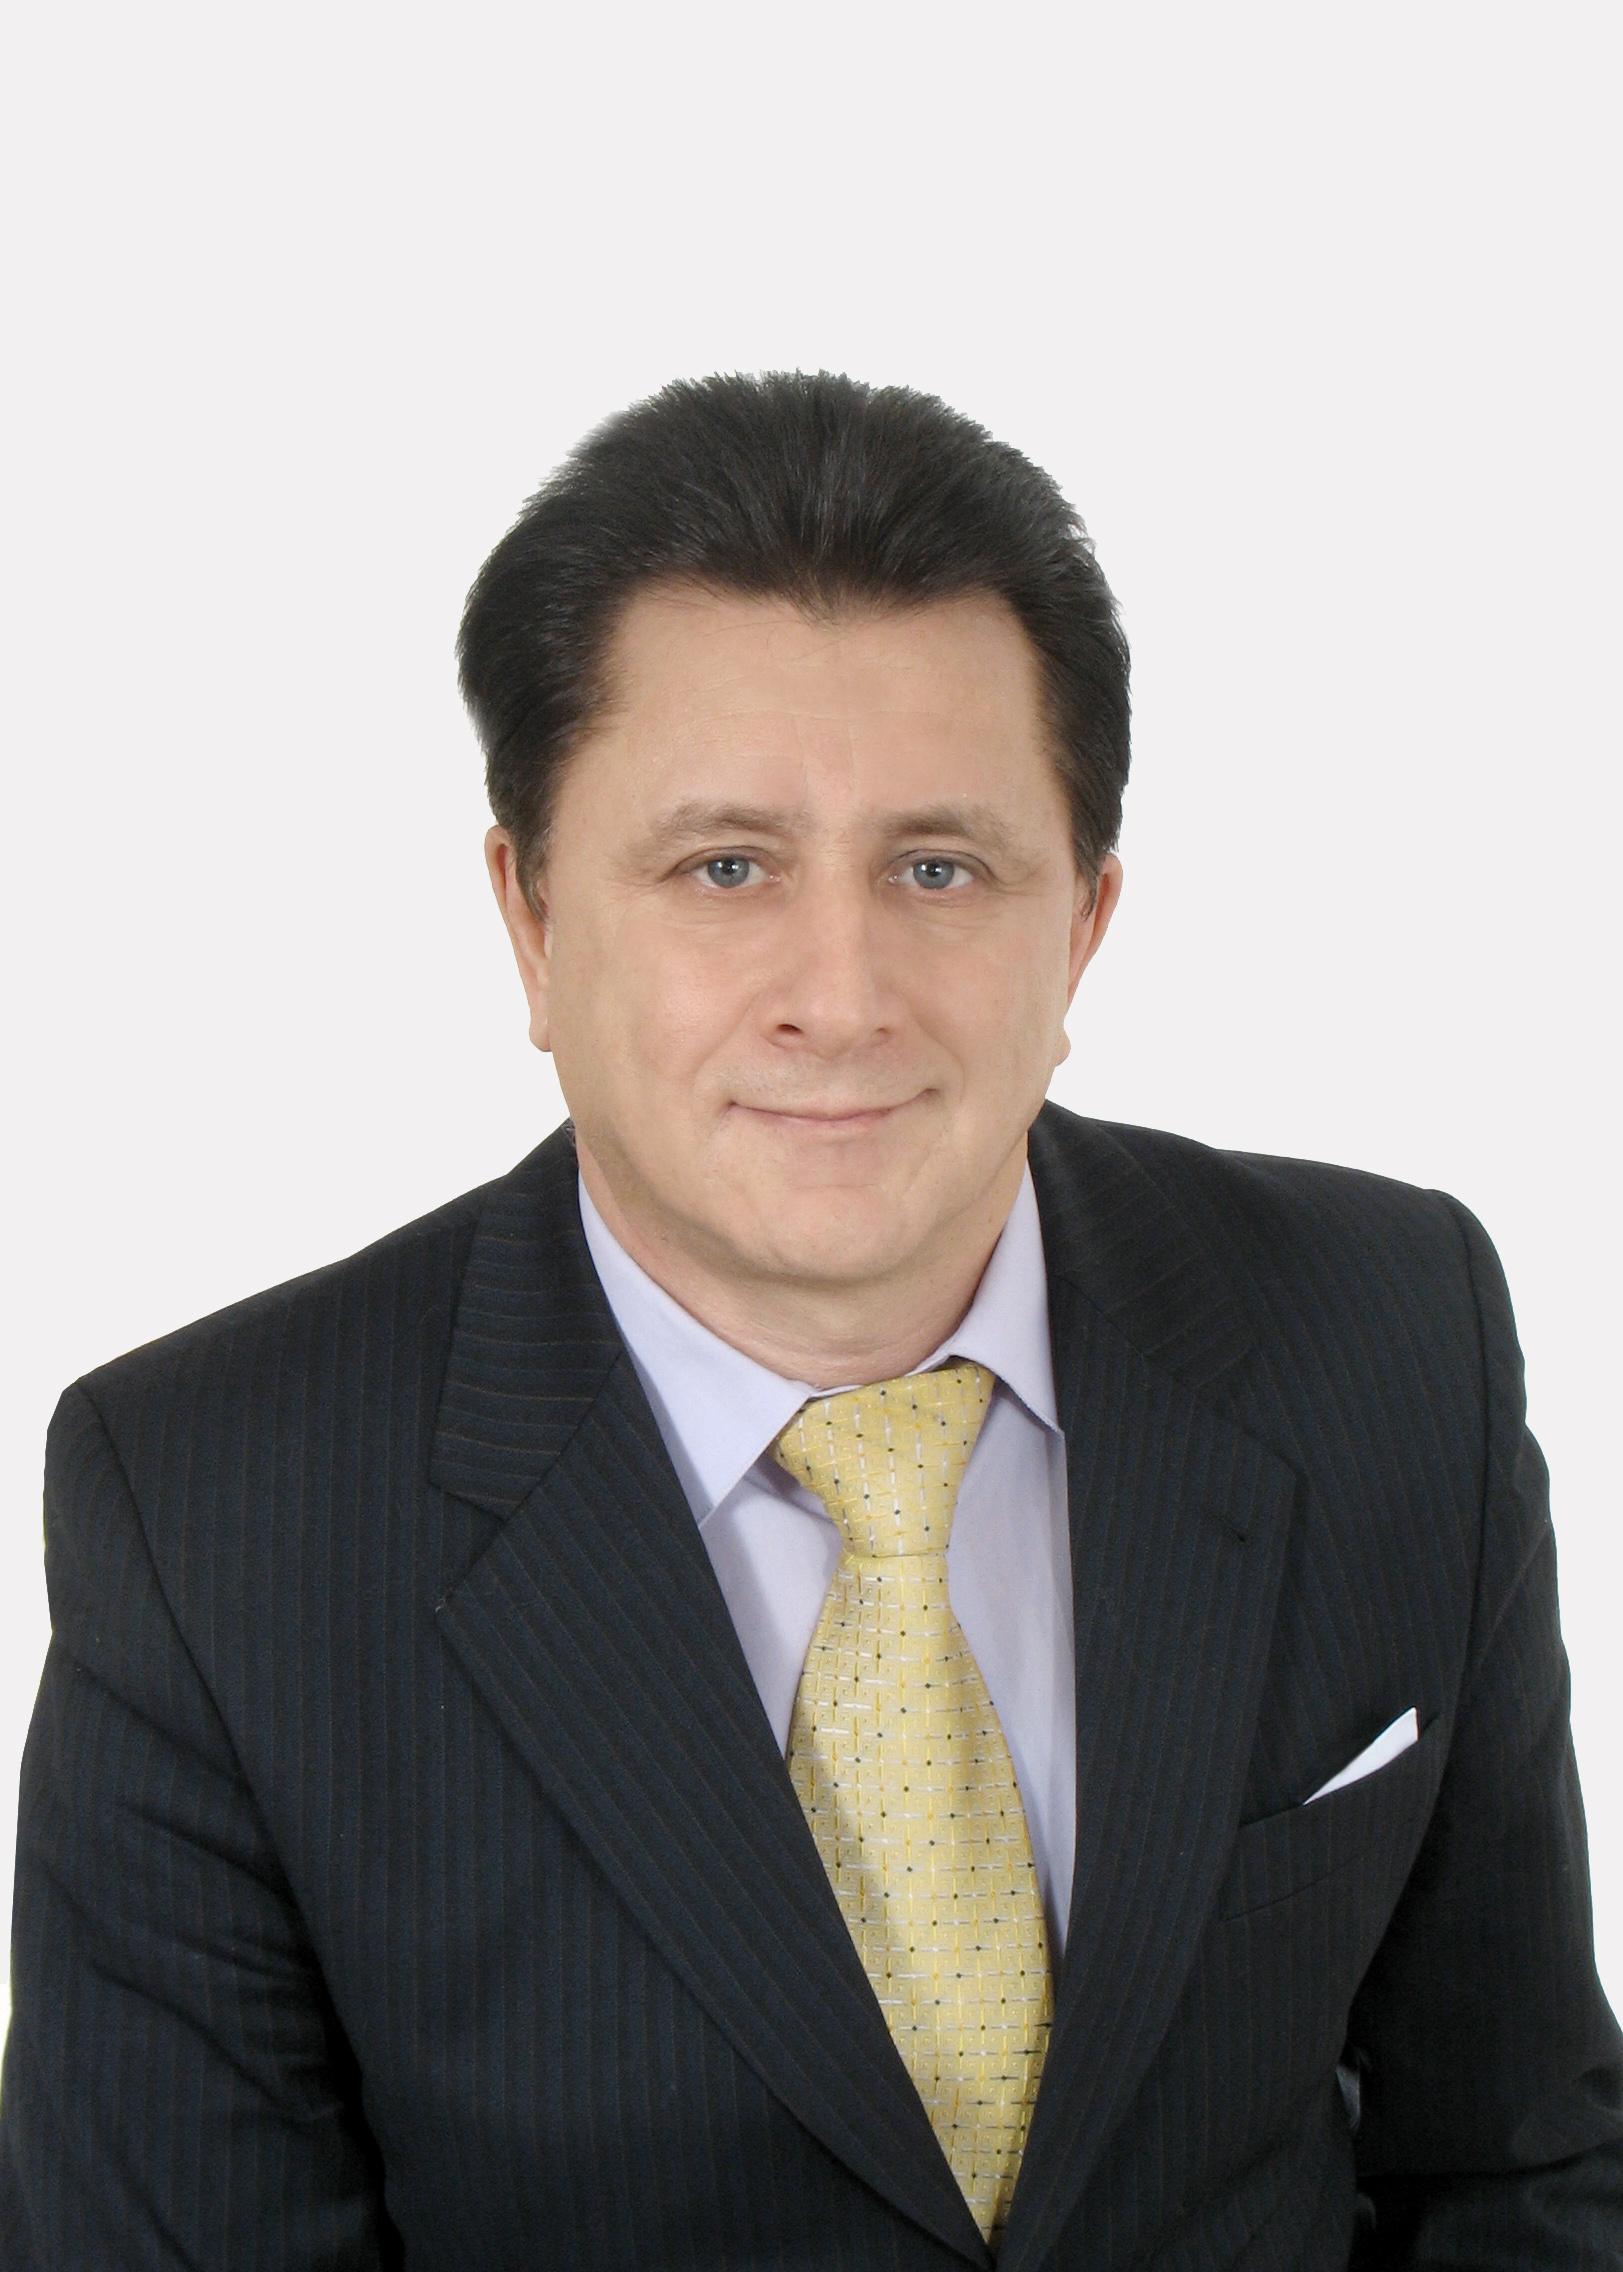 Генеральный директор компании, кандидат экономических наук Владимир Михайлович БОЙКОВ